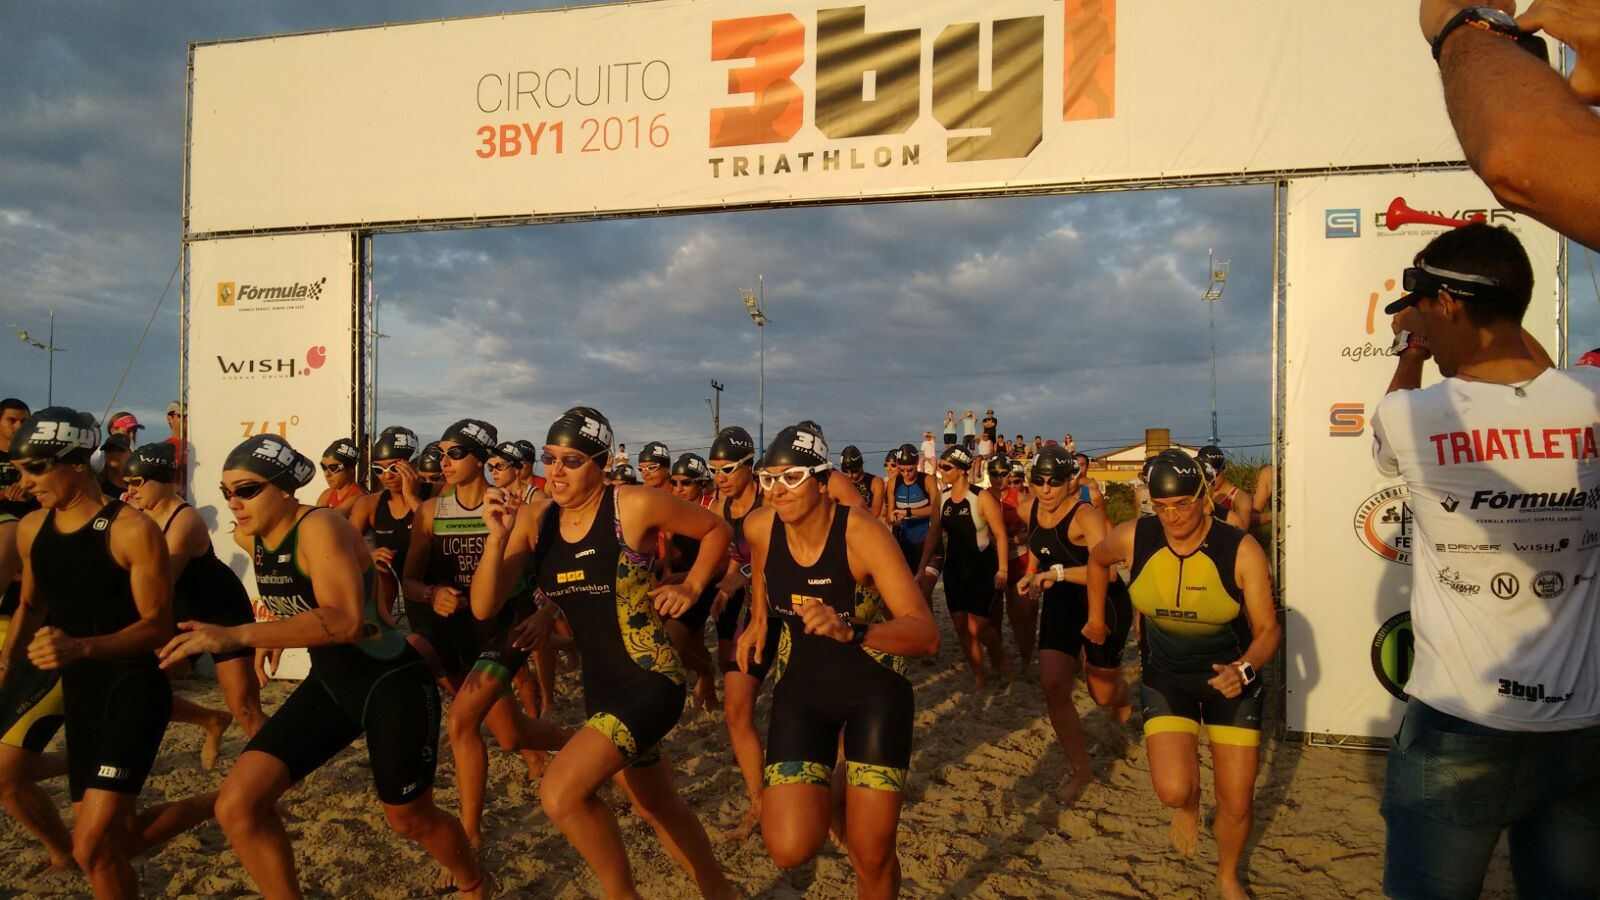 Temporada de Triathlon inicia em Itapoá